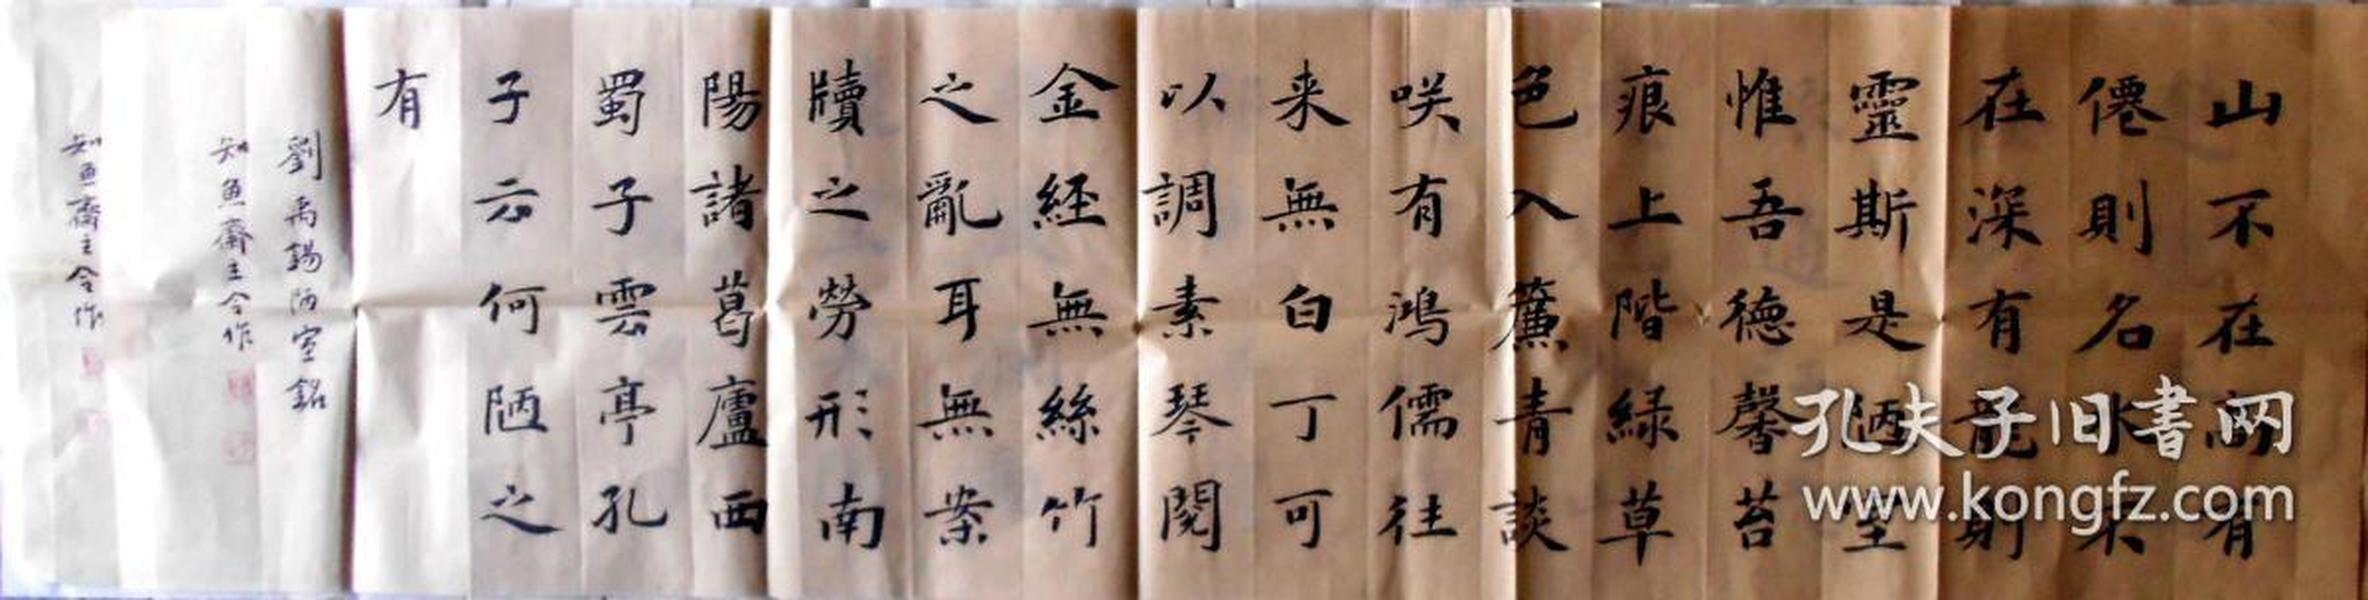 中书协会员、河北书协会楷书委员孟令作四尺对开书法真迹 山不在高